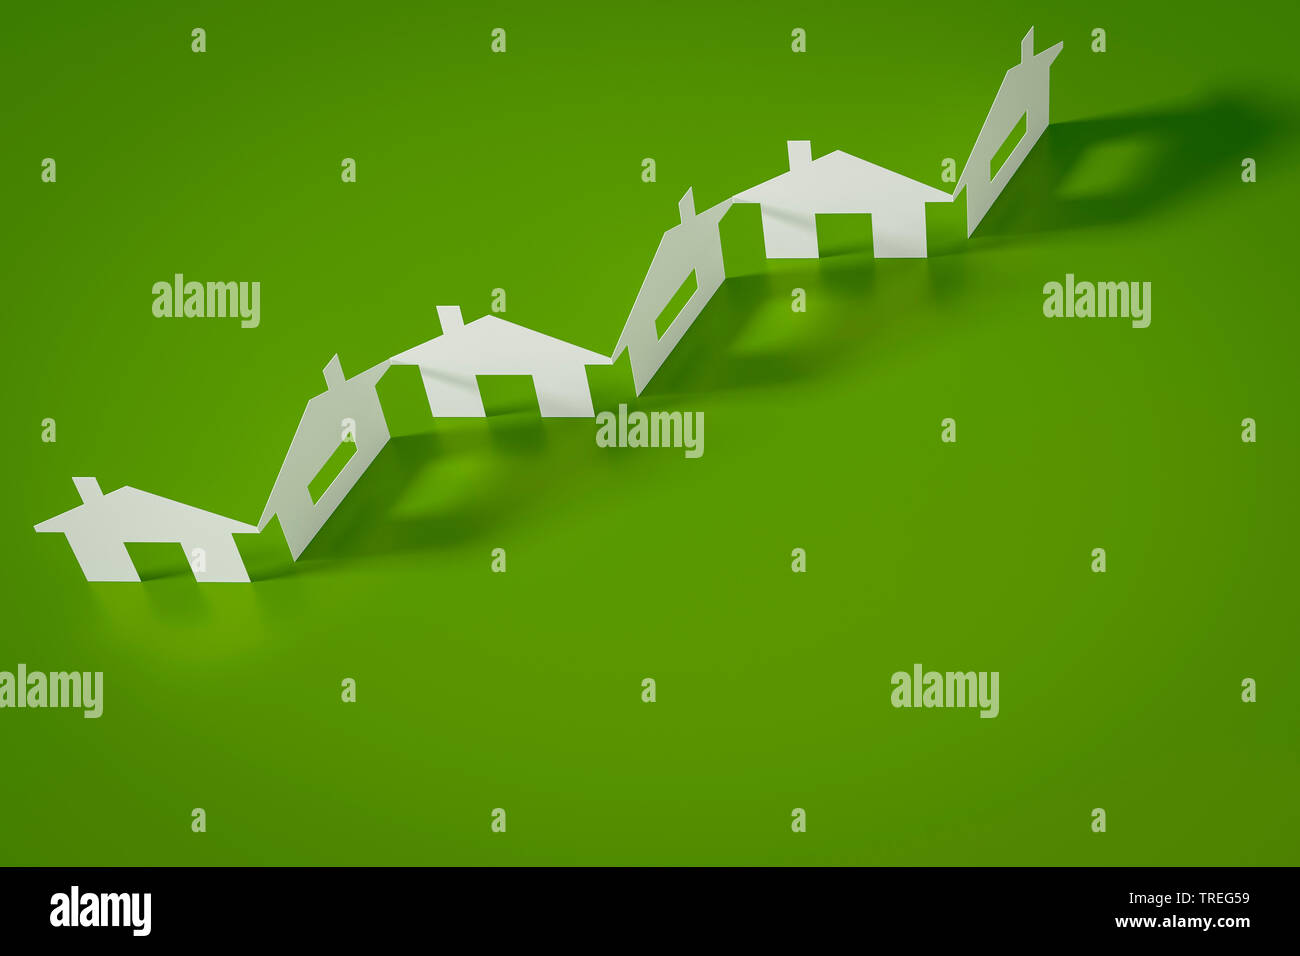 3D-Computergrafik, Scherenschnitt von weissen Haeusern vor gruenem Hintergrund | 3D computer graphic, paper cutout row of white houses against green - Stock Image